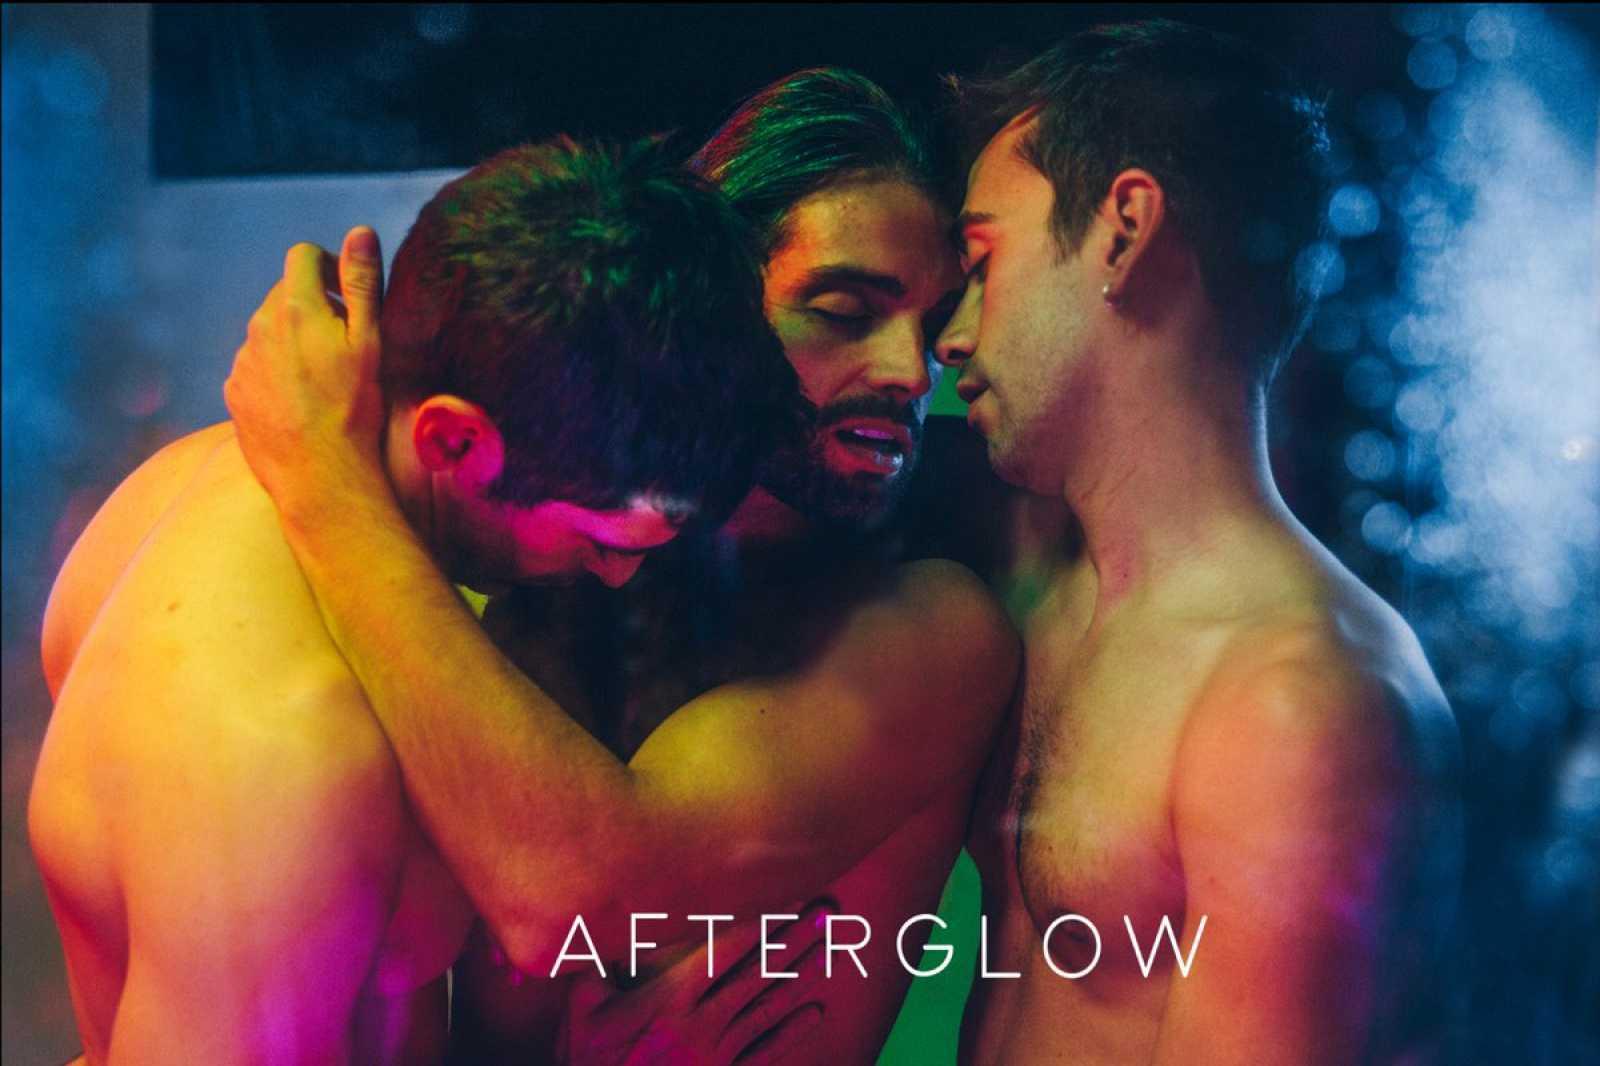 Otros acentos - 'Afterglow' llega a Madrid tras su éxito en NY y Londres - 28/02/21 - Escuchar ahora